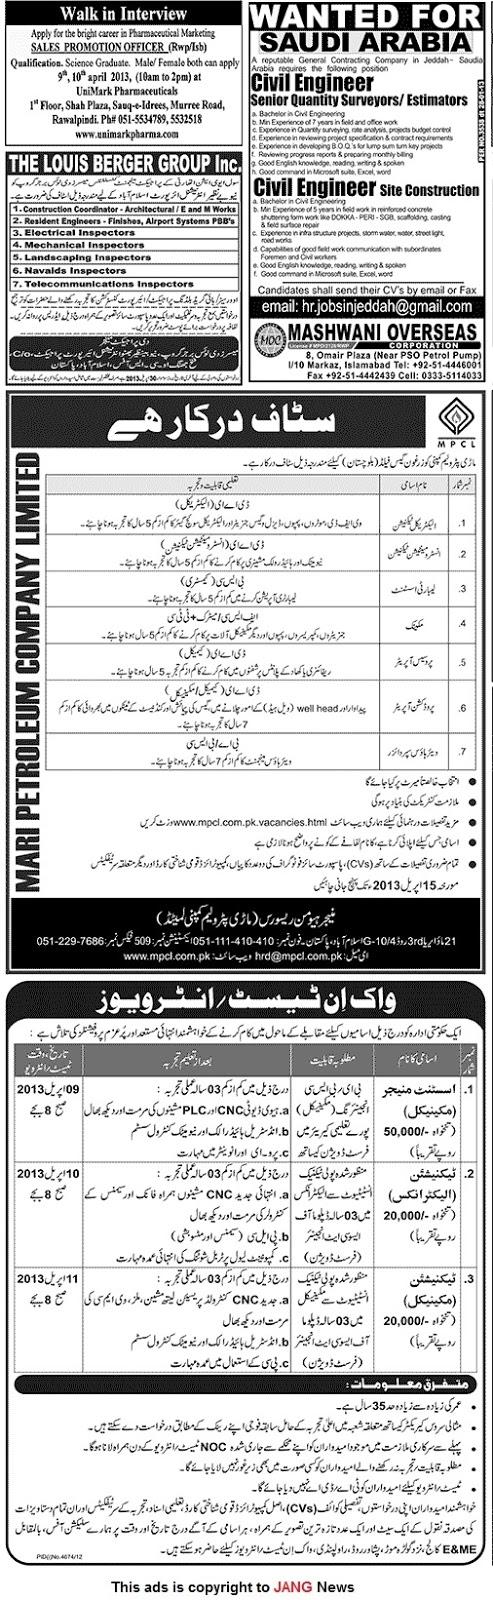 Jang Newspaper Jobs Ads Sunday 7th April 2013 Karachi ...